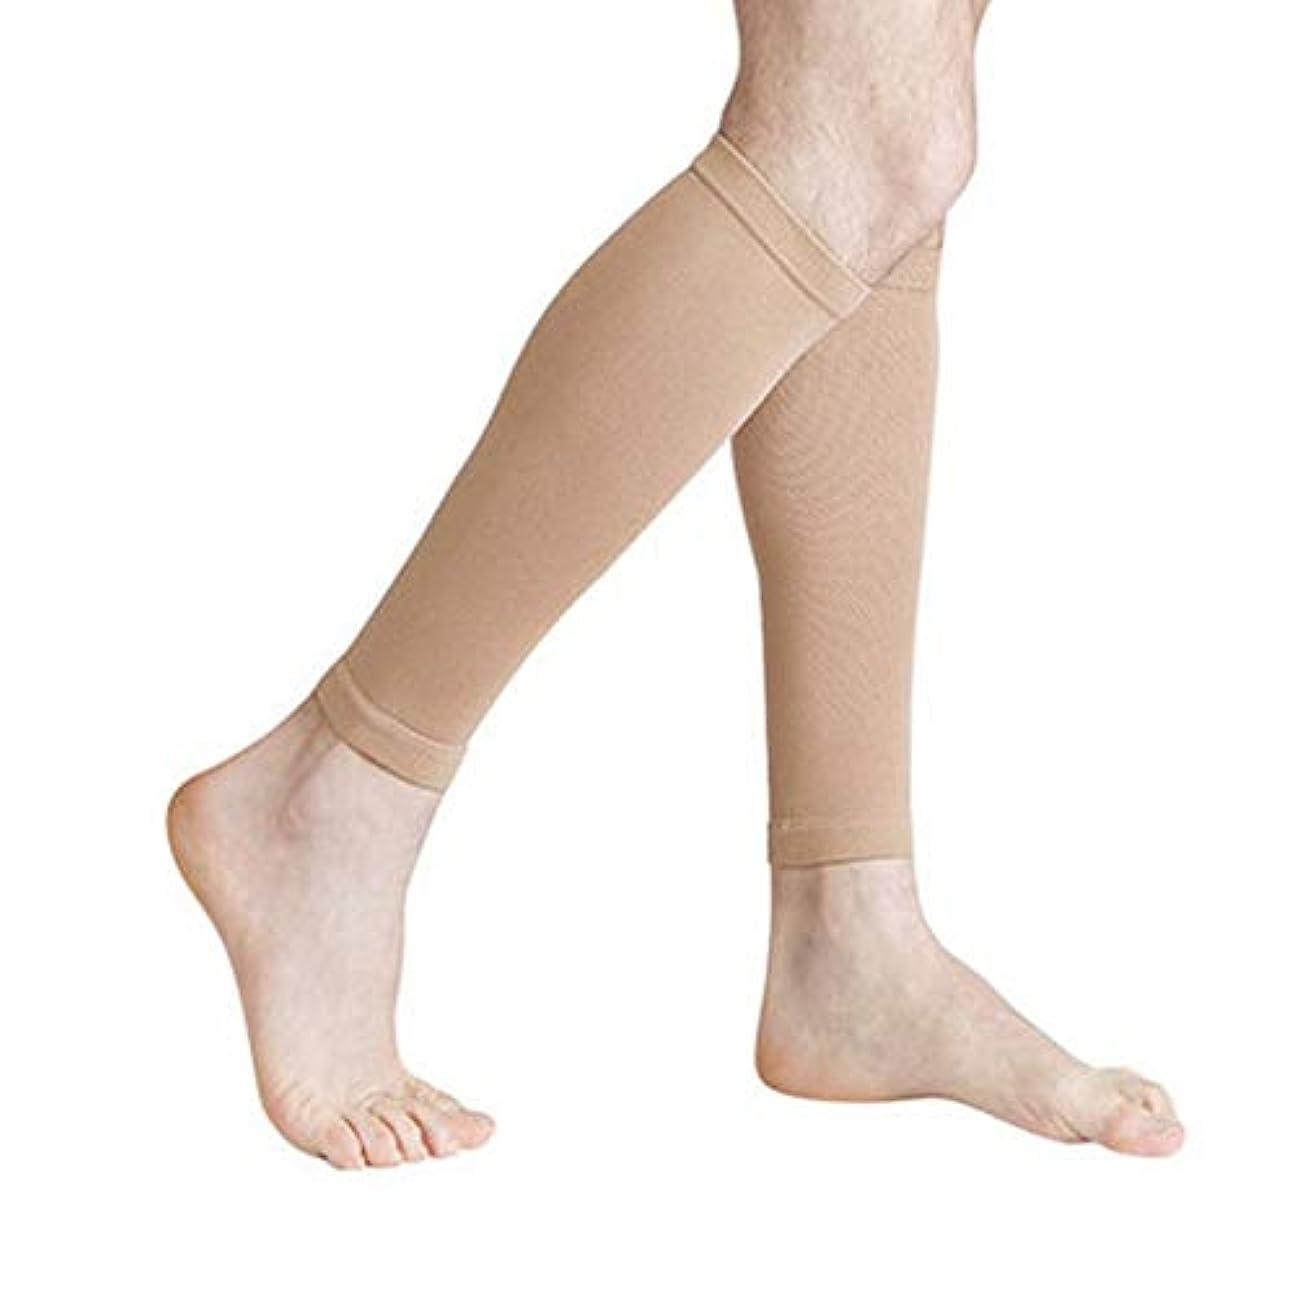 誤解する蜜望み丈夫な男性女性プロの圧縮靴下通気性のある旅行活動看護師用シントスプリントフライトトラベル - 肌色